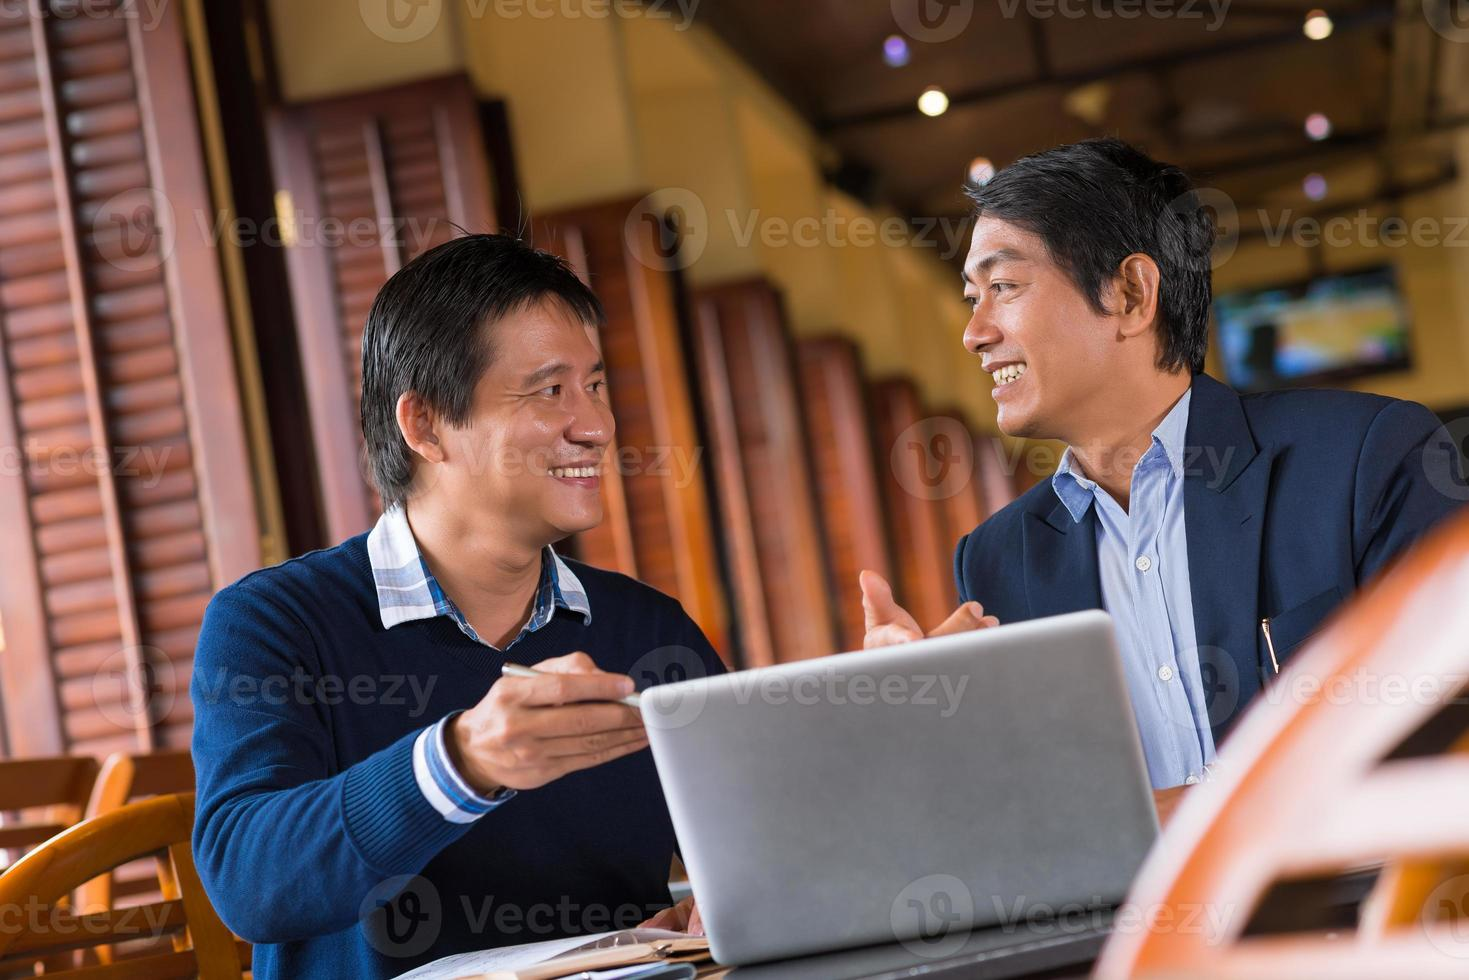 het bespreken van informatie op het laptopscherm foto